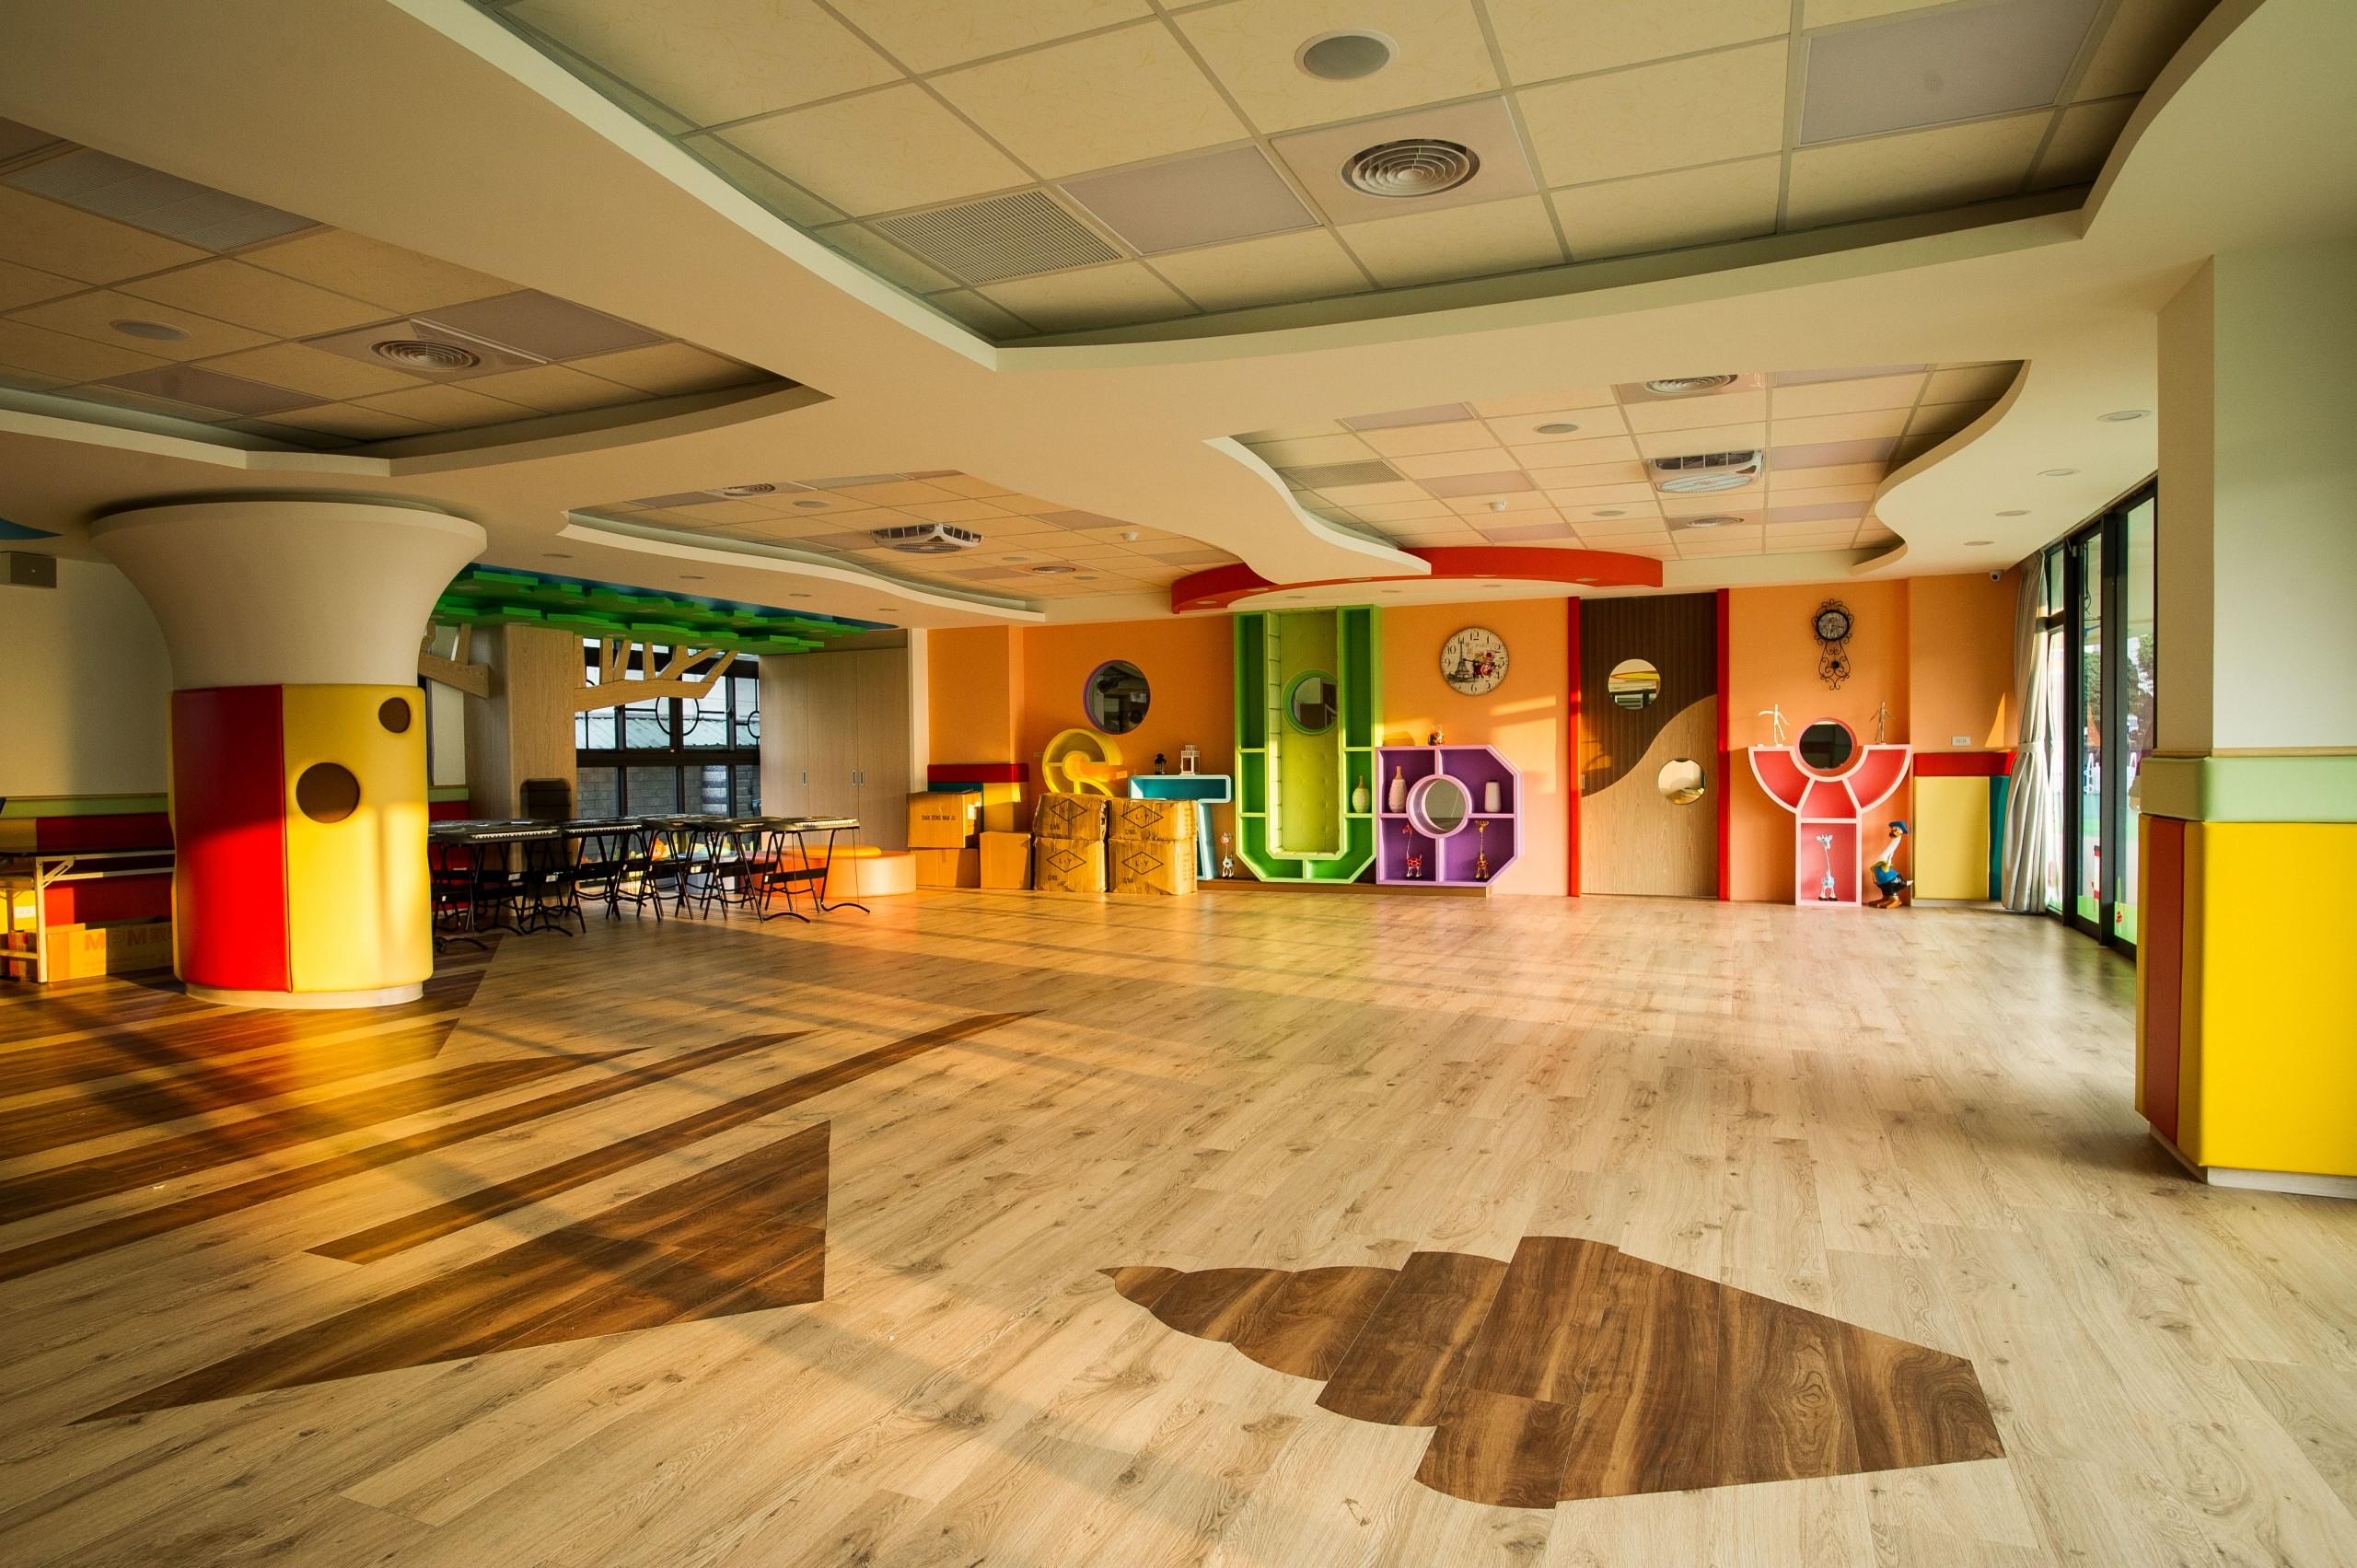 新北市成德幼兒園,宜蘭建築師事務所,德築幼兒園設計